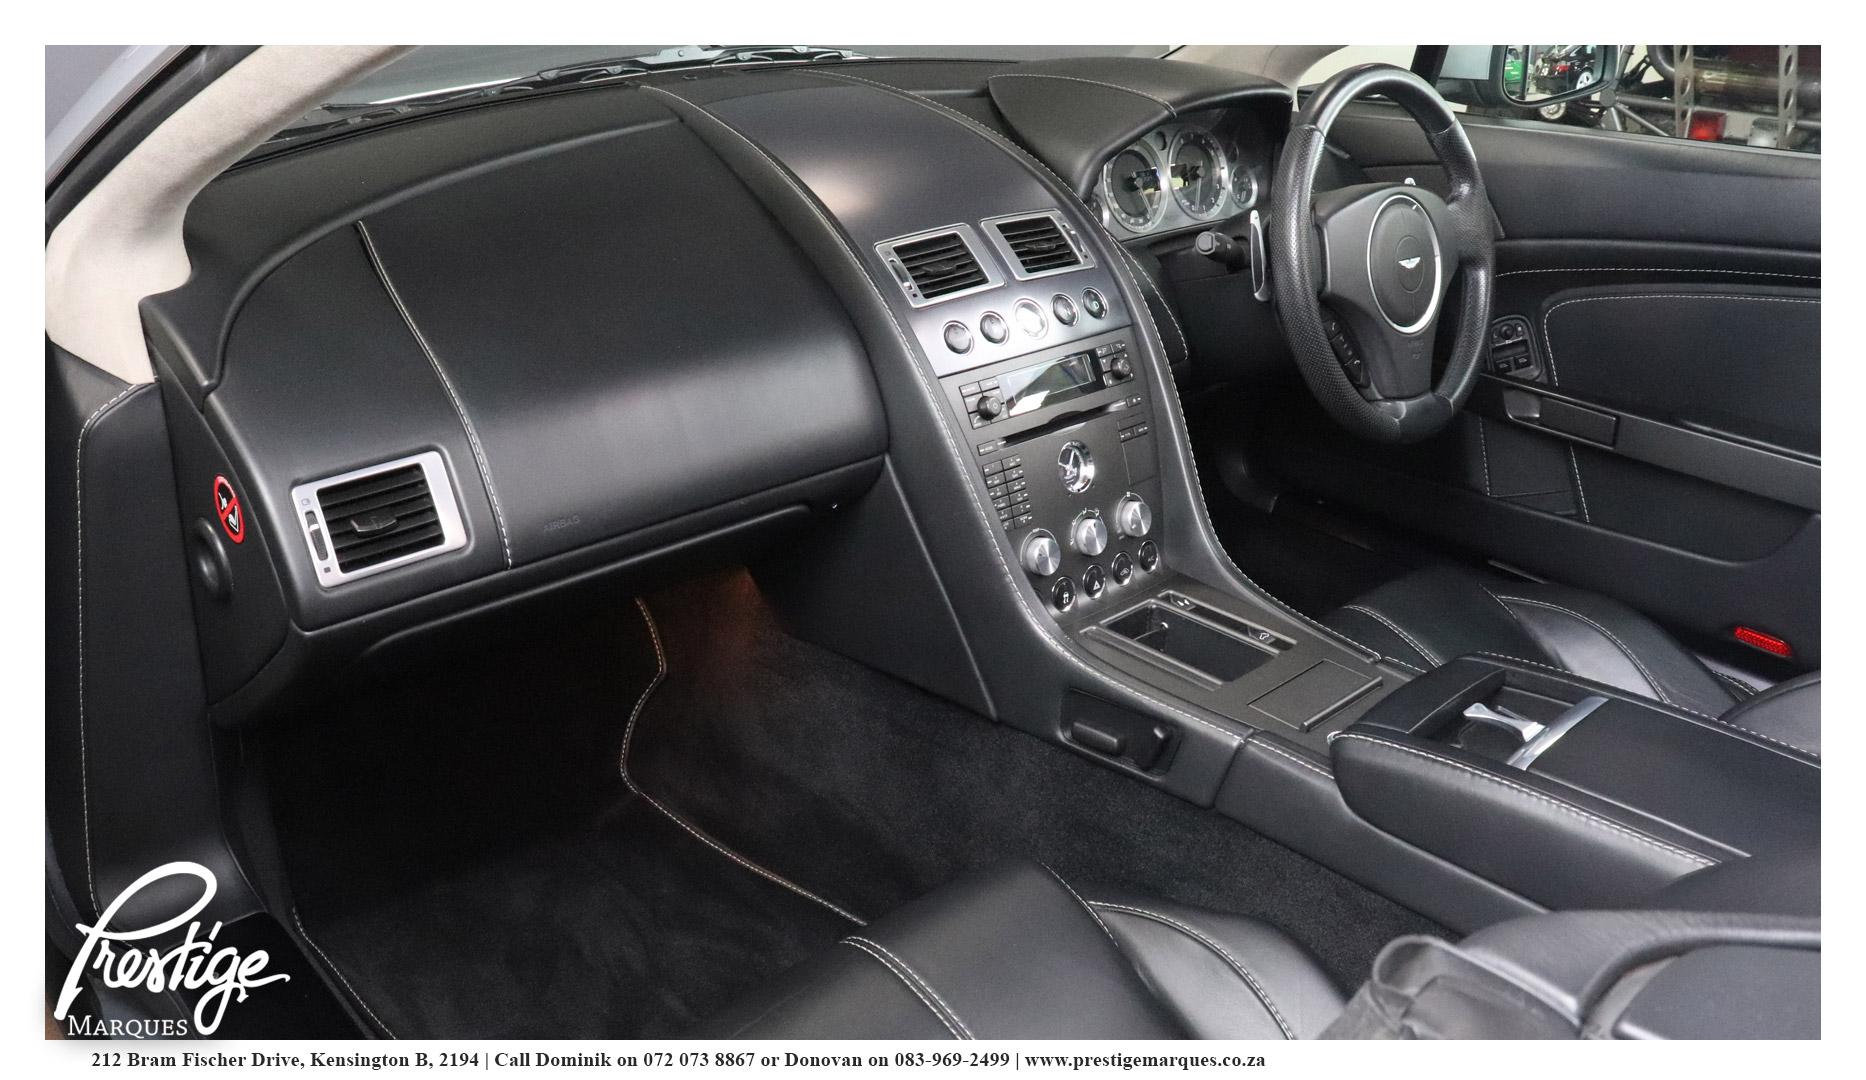 Aston-Martin-V8-Vantage-Convertible-Auto-Prestige-Marques-Sandton-19